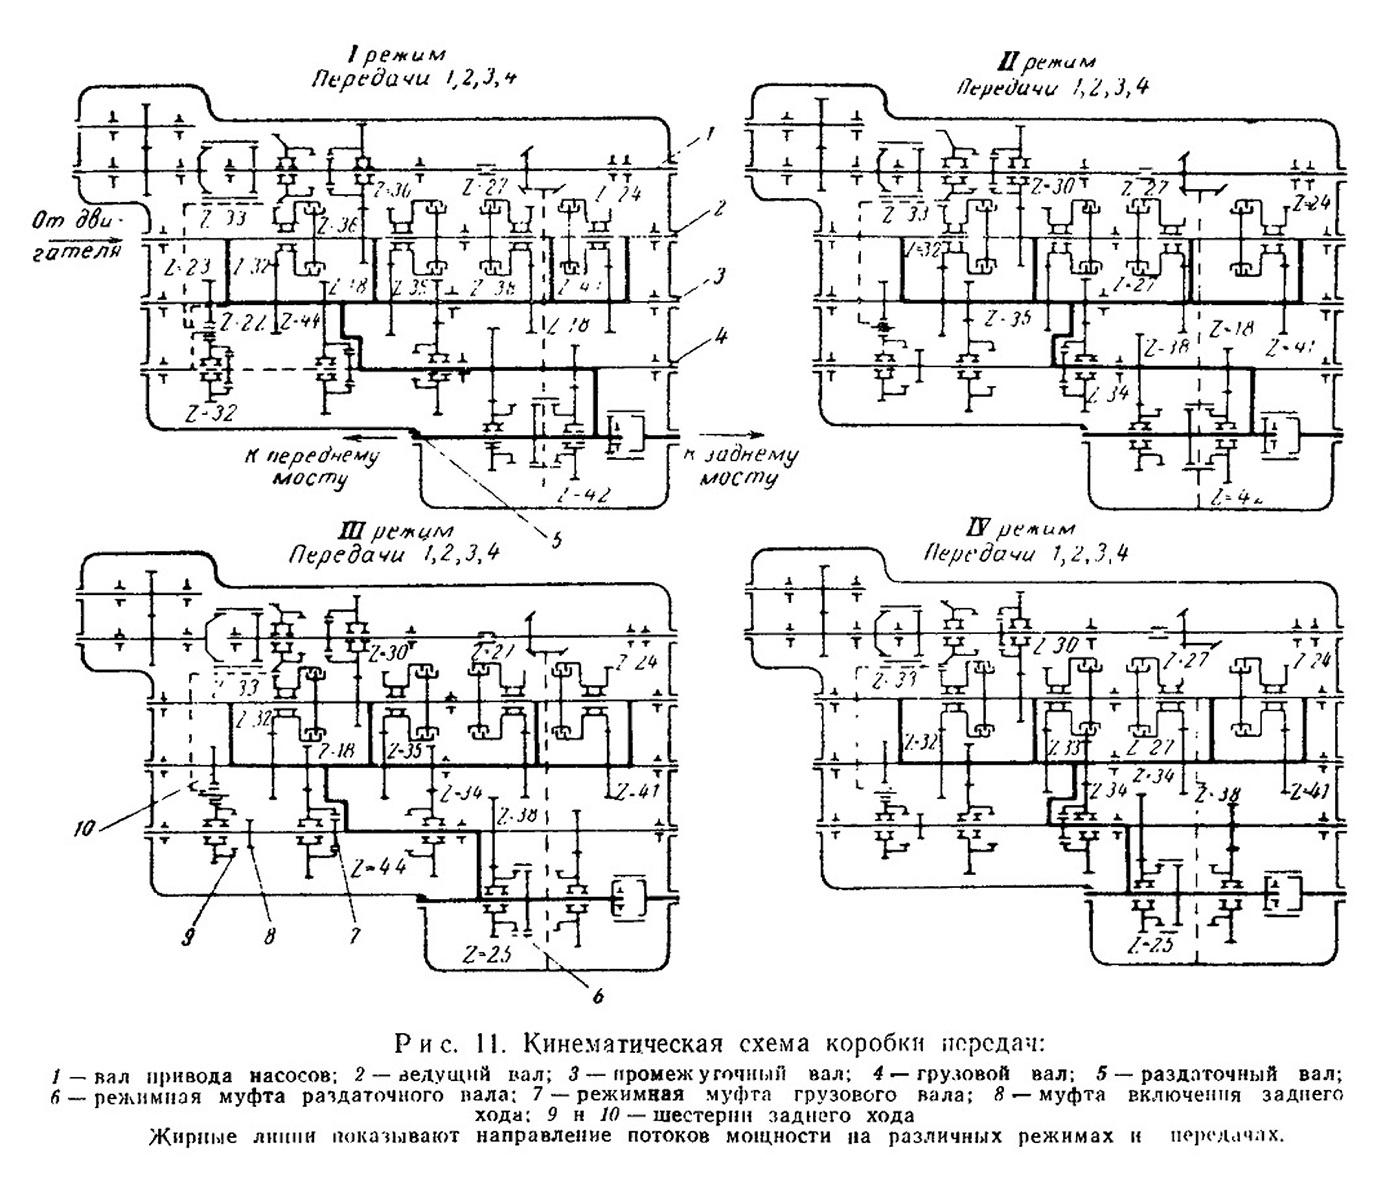 Схема коробки передач трактора фото 705